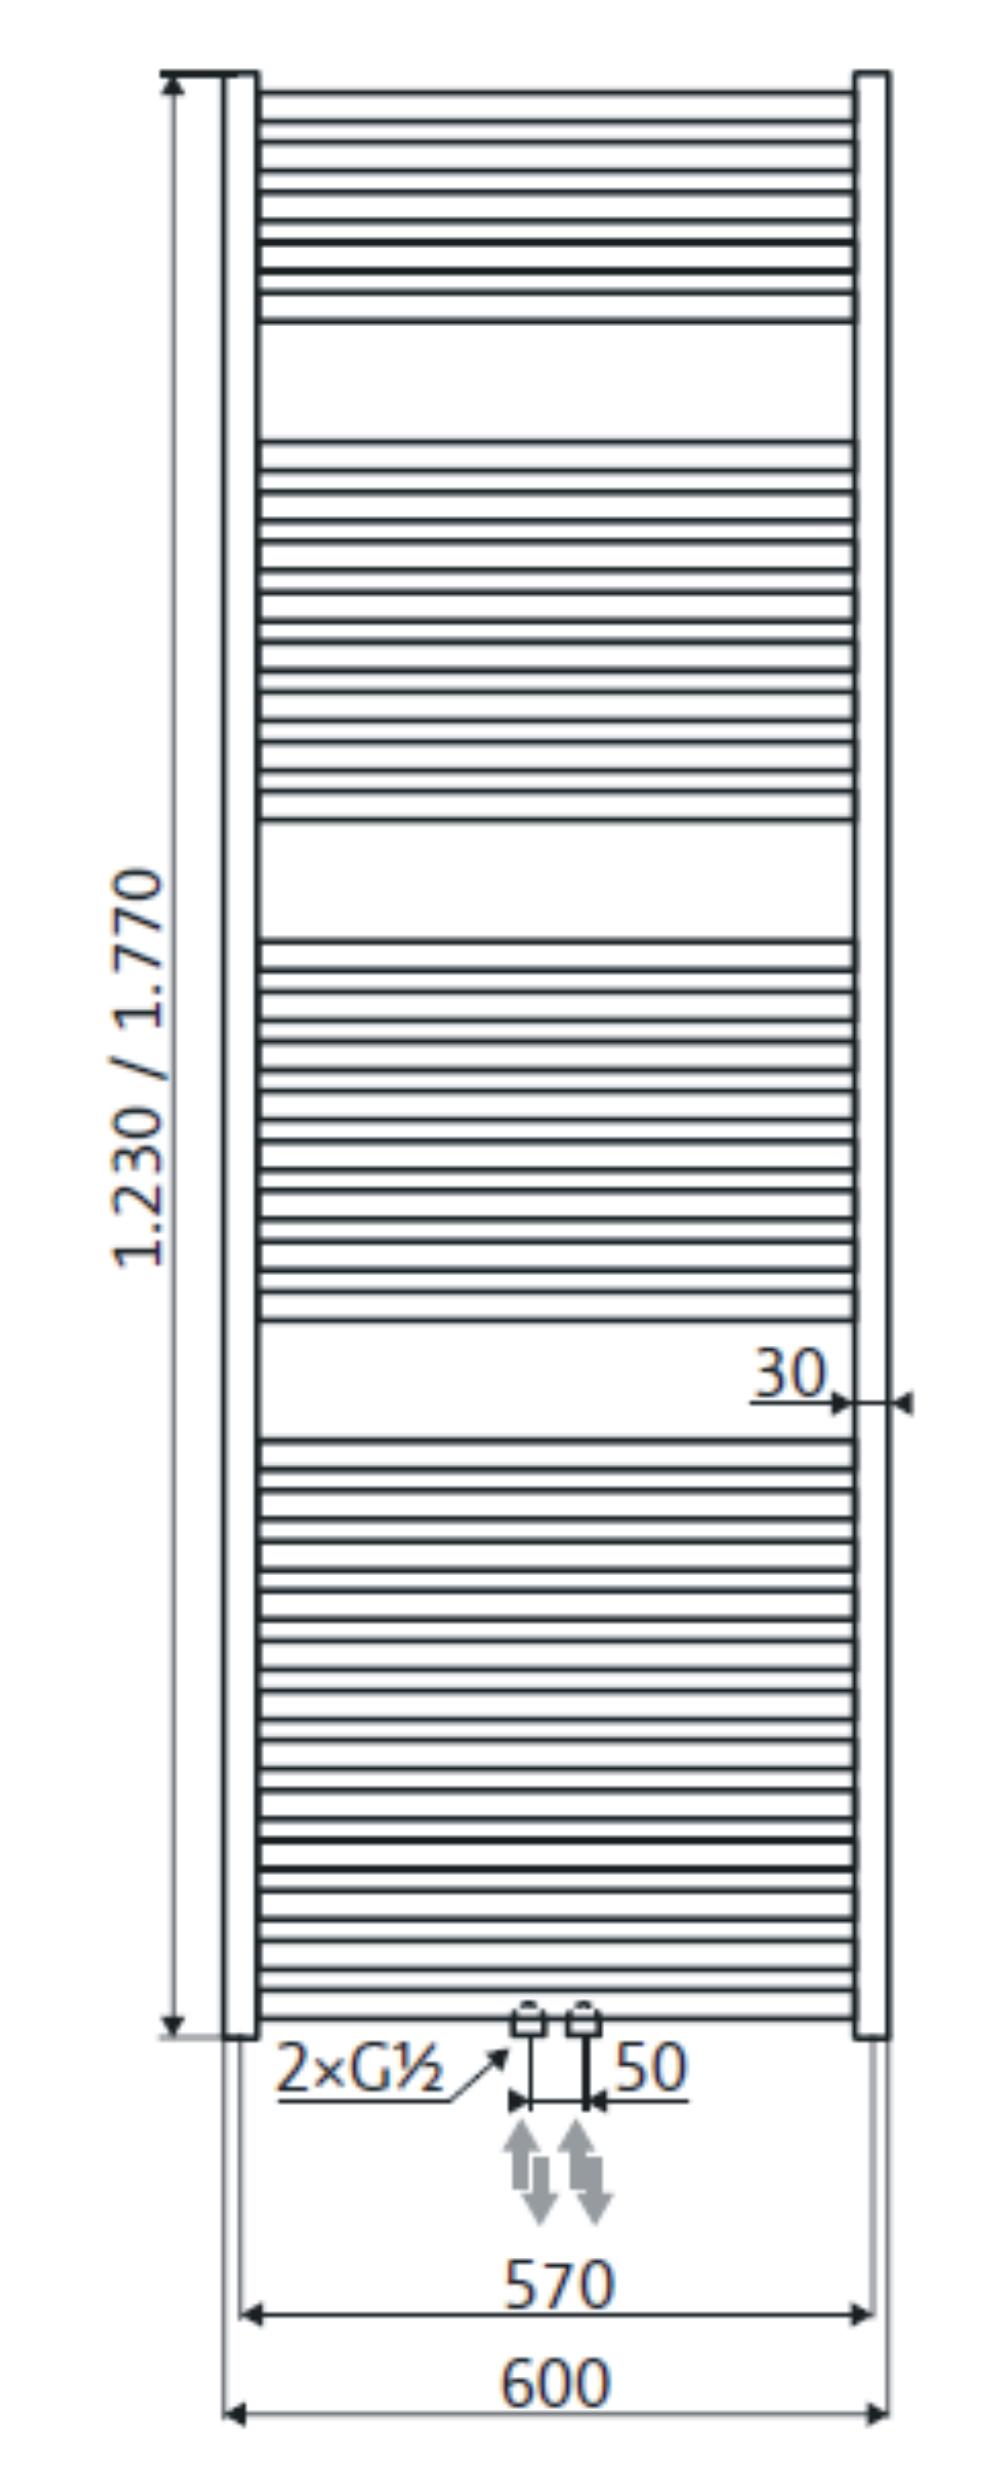 hsk handdoekradiator line 114935 ontwerp inspiratie voor de badkamer en de kamer. Black Bedroom Furniture Sets. Home Design Ideas